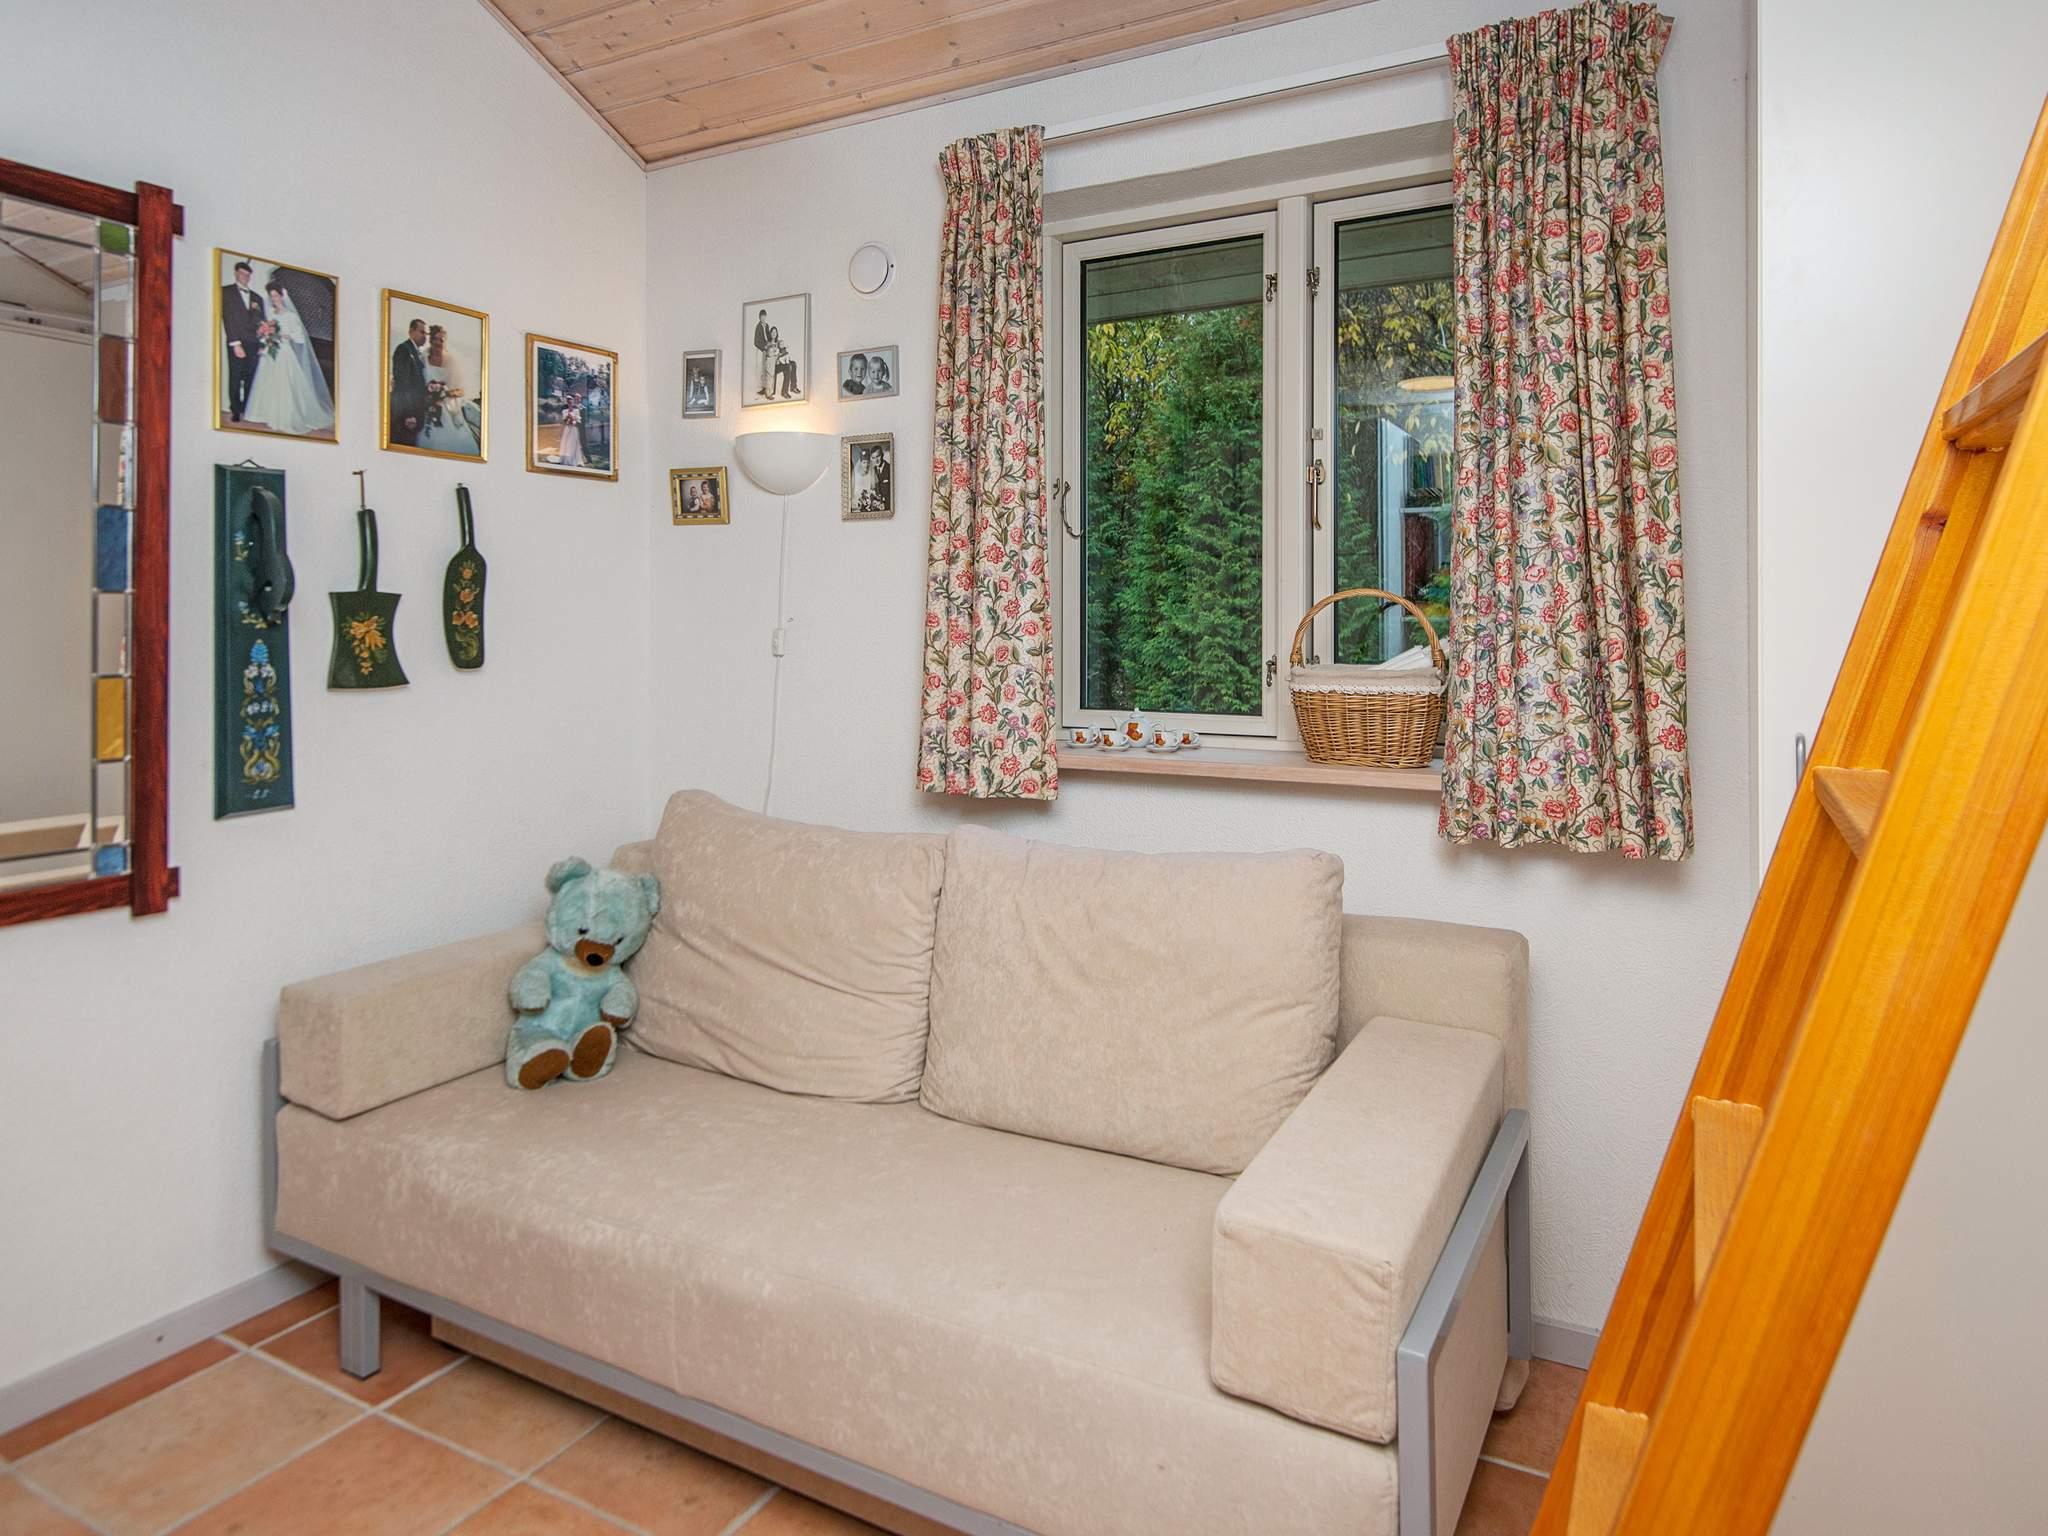 Ferienhaus Silkeborg (2523712), Silkeborg, , Ostjütland, Dänemark, Bild 9